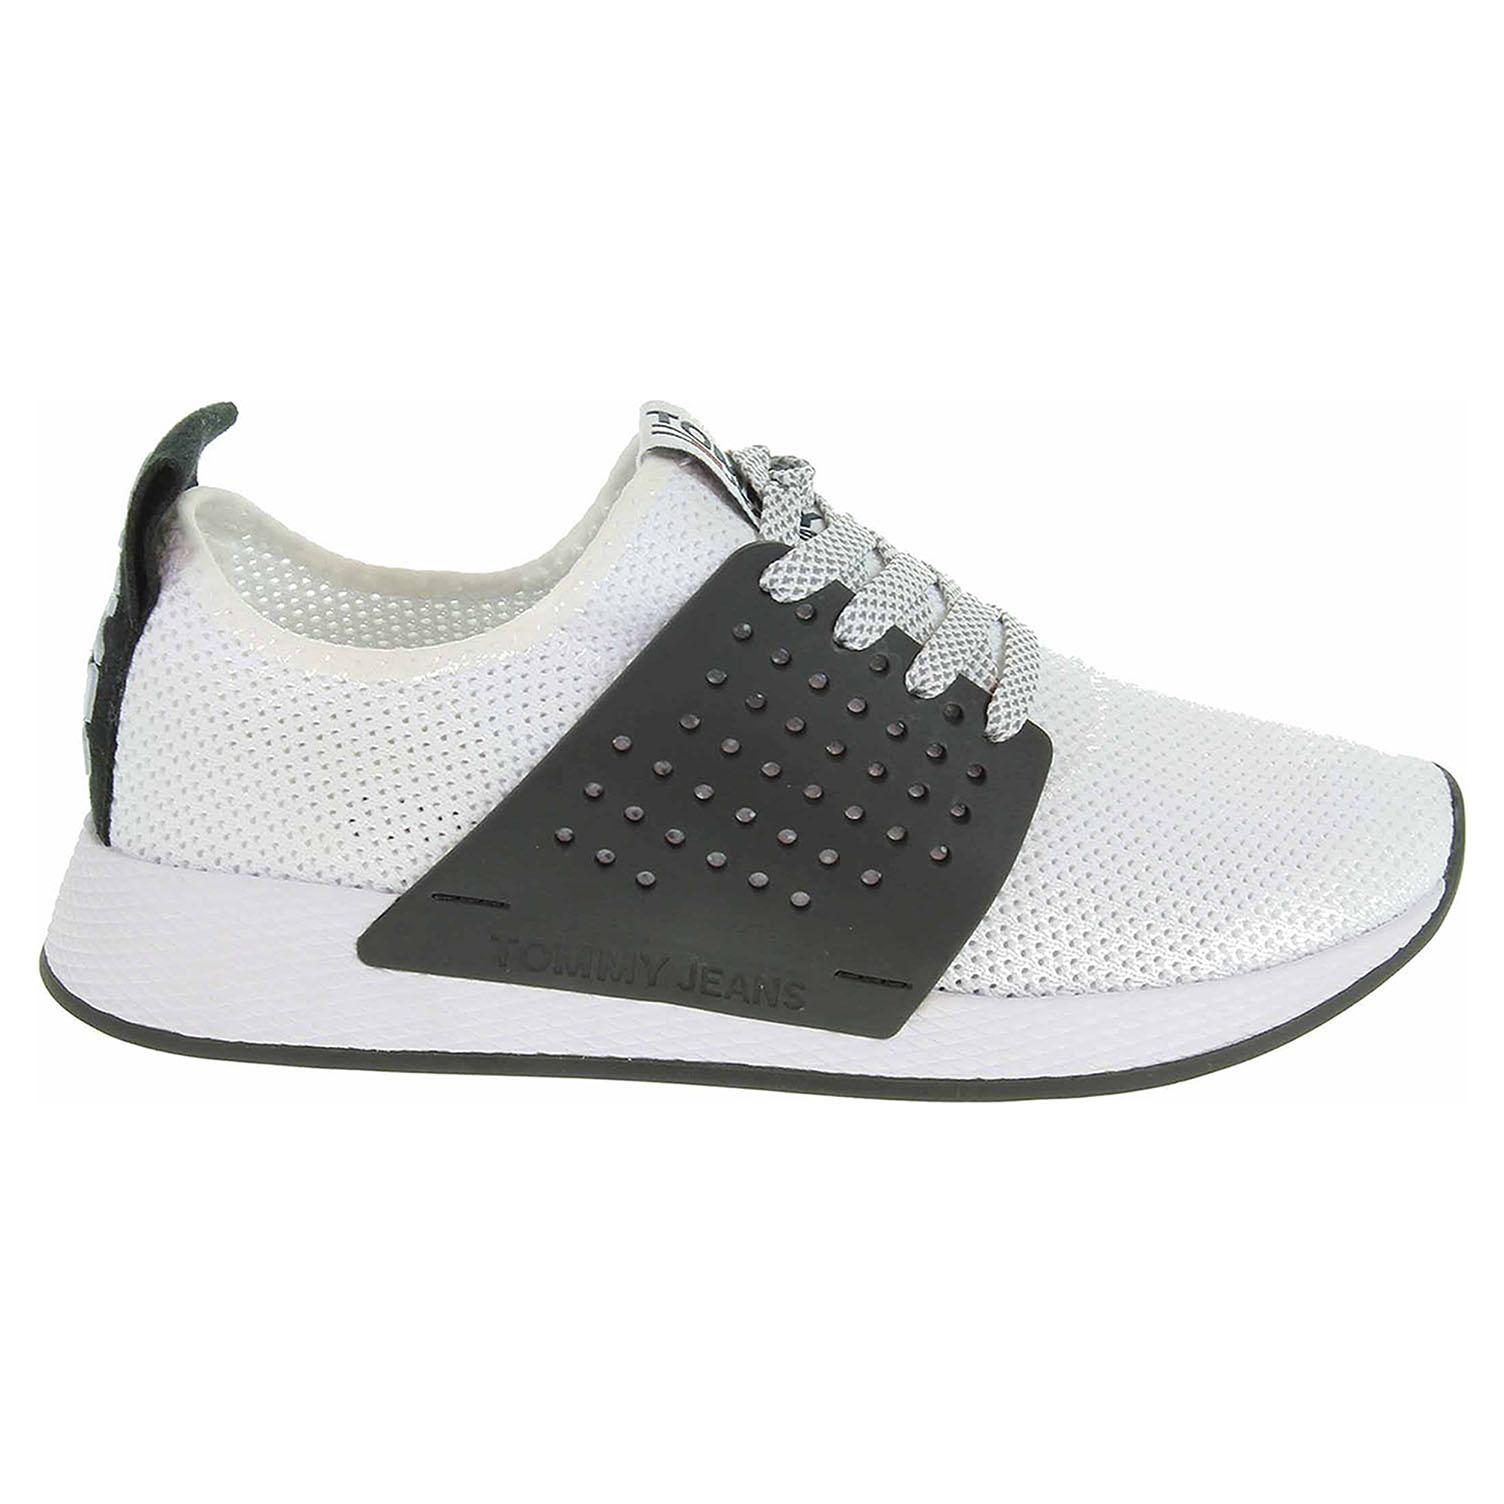 Ecco Tommy Hilfiger dámská obuv EN0EN00170 100 white 23200822 162f45ca94b